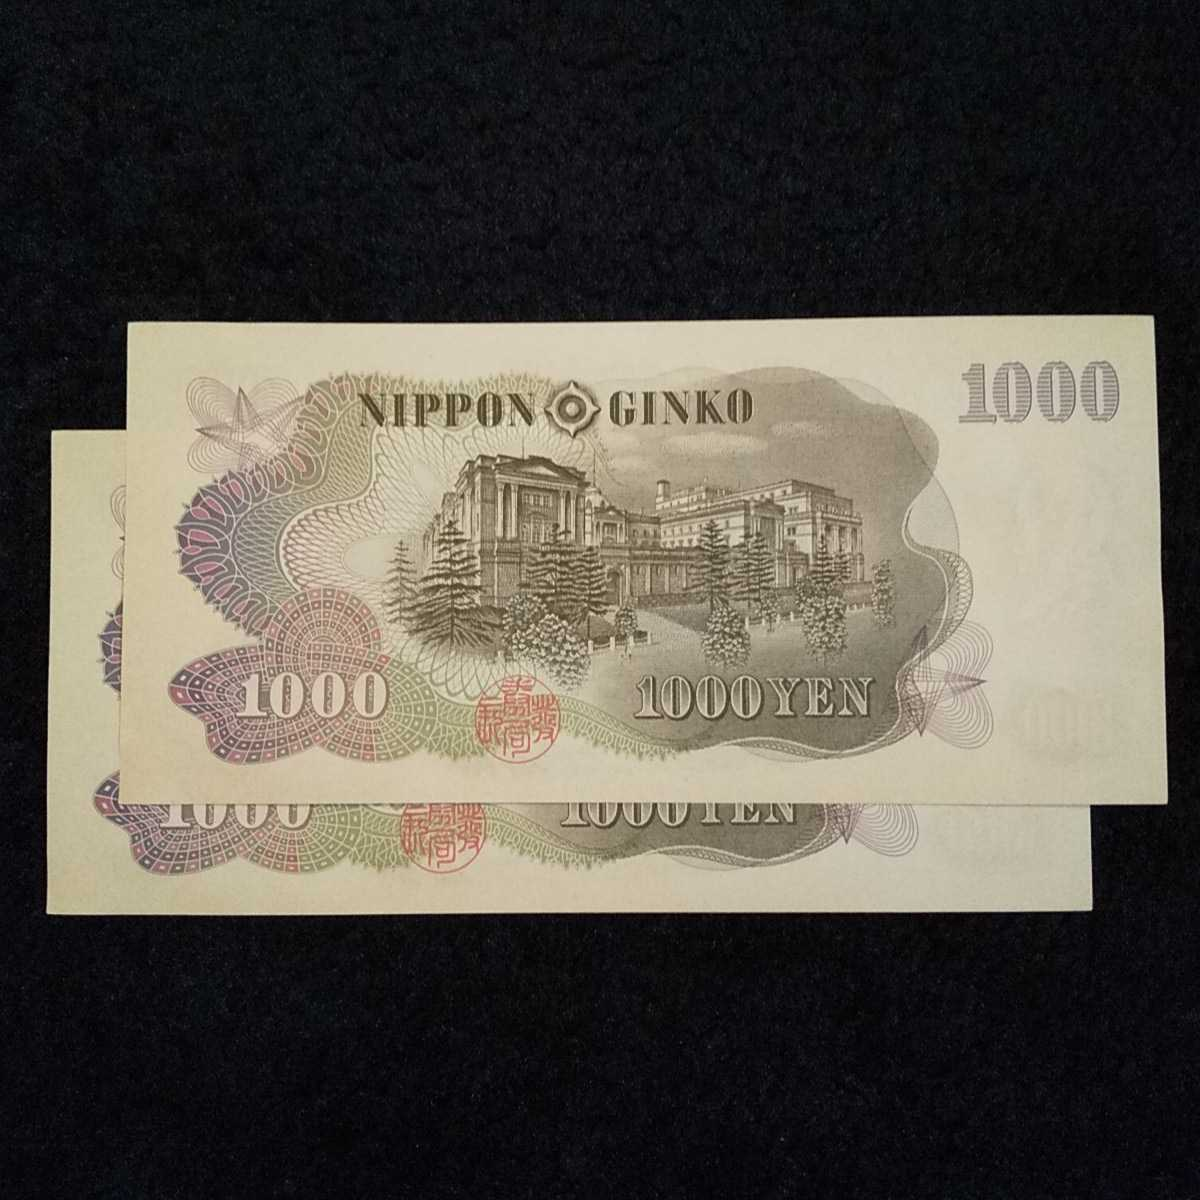 伊藤博文 1000円札 千円札 2枚連番 ピン札 旧紙幣 日本銀行券 PS299840S-299841S_画像2